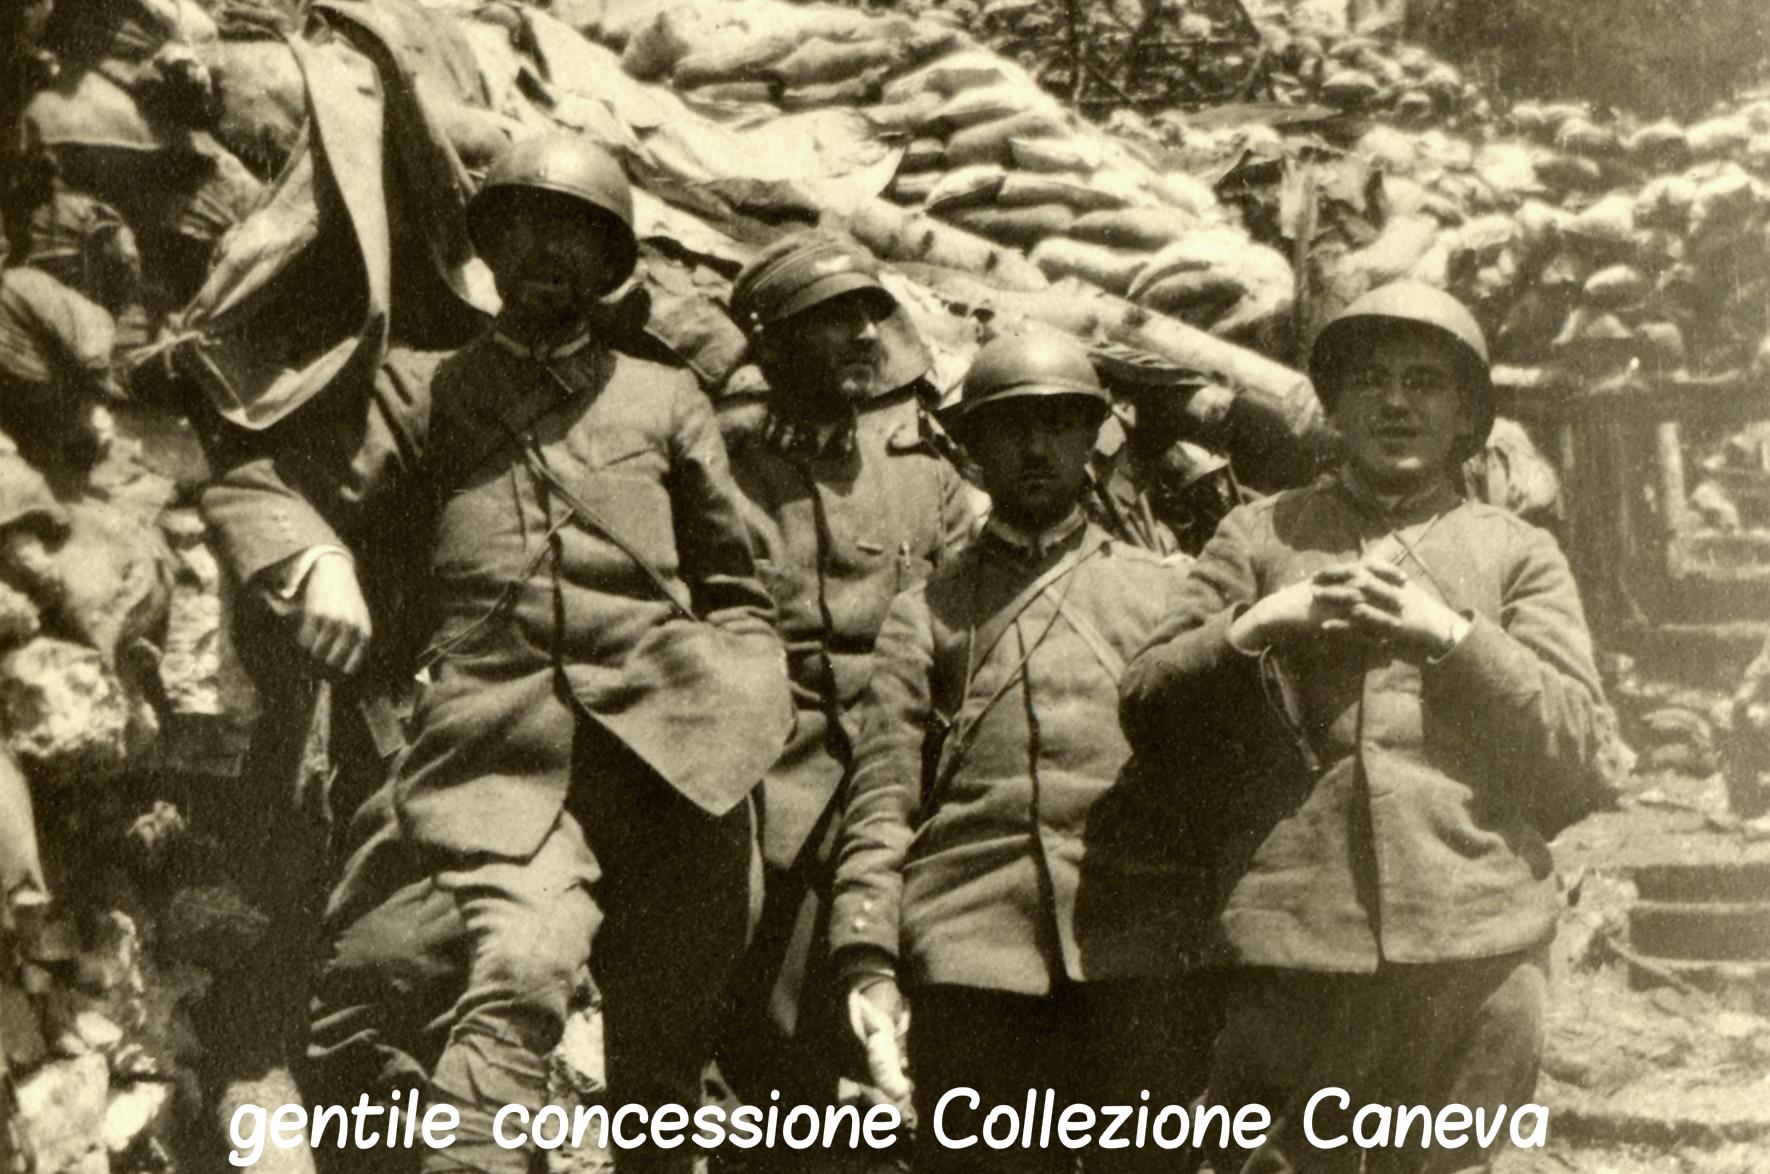 69 - Il capitano Emilio Lussu e colleghi ufficiali in linea sullo Zebio copia criptata.jpg